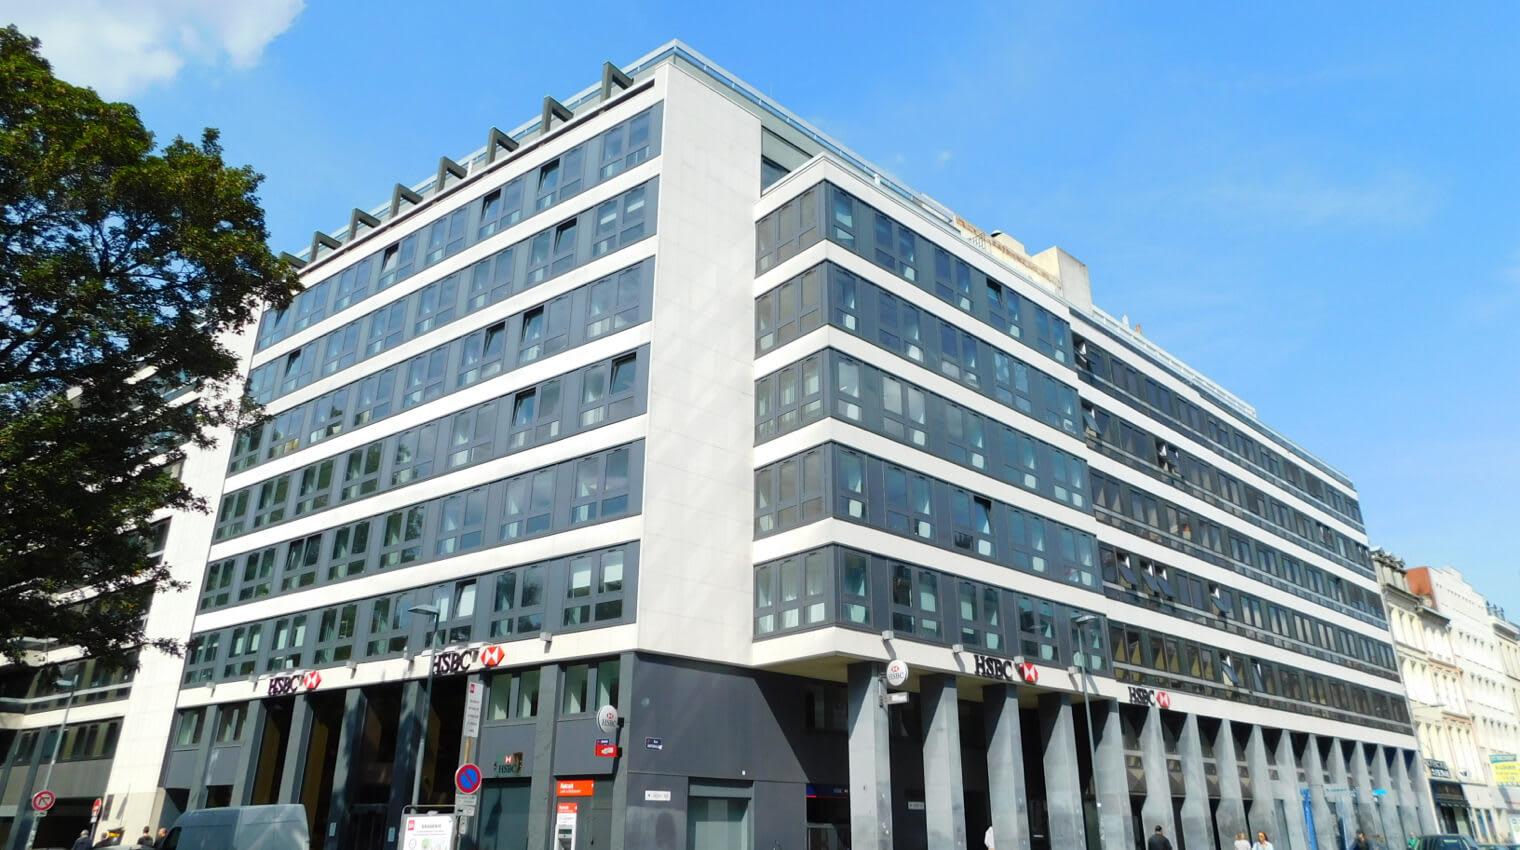 La domiciliation commerciale de votre entreprise à Lille